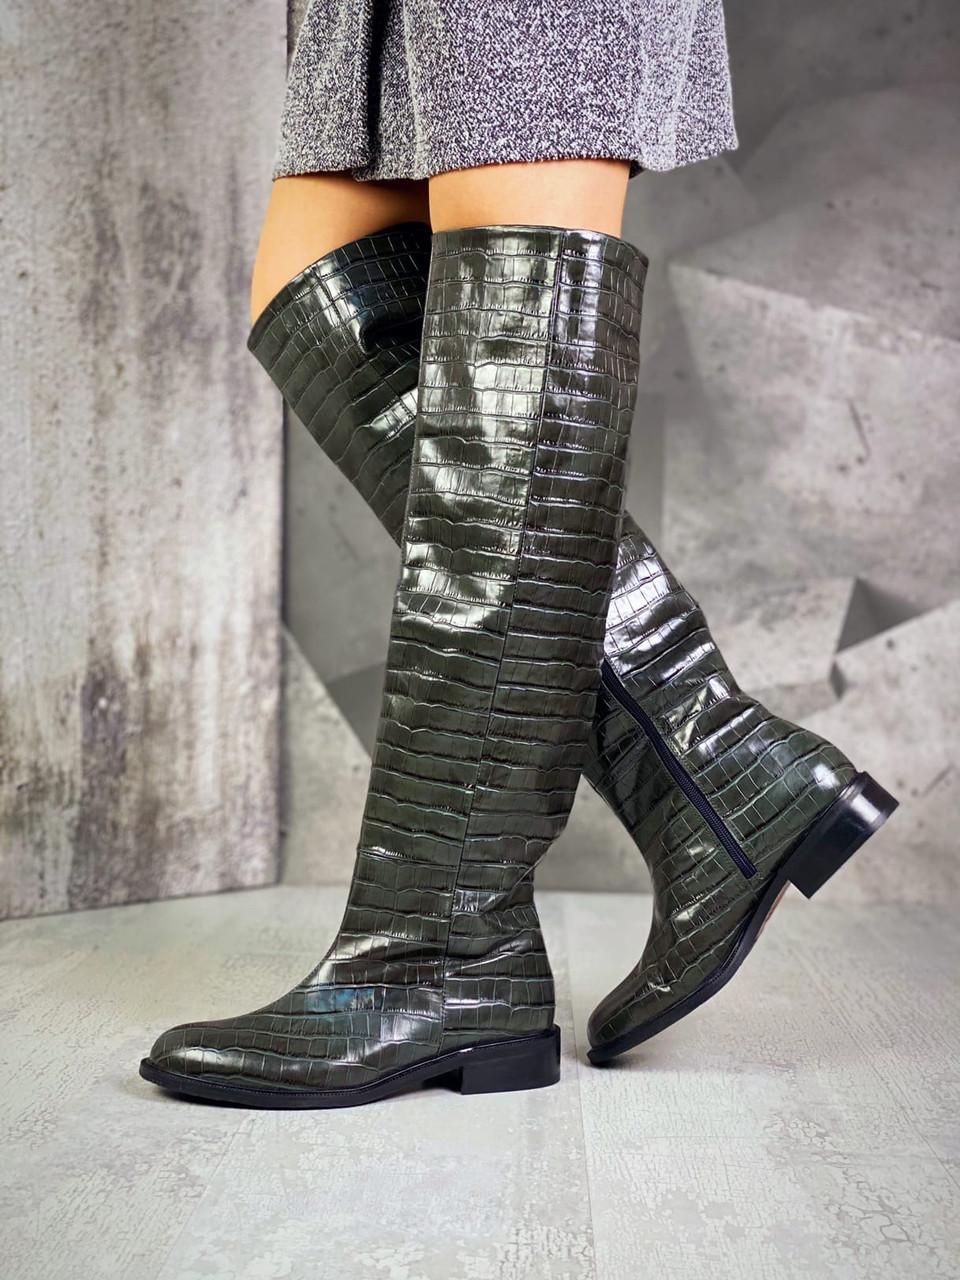 Женские кожаные лаковые демисезонные сапоги на каблуке 36-40 р хаки рептилия